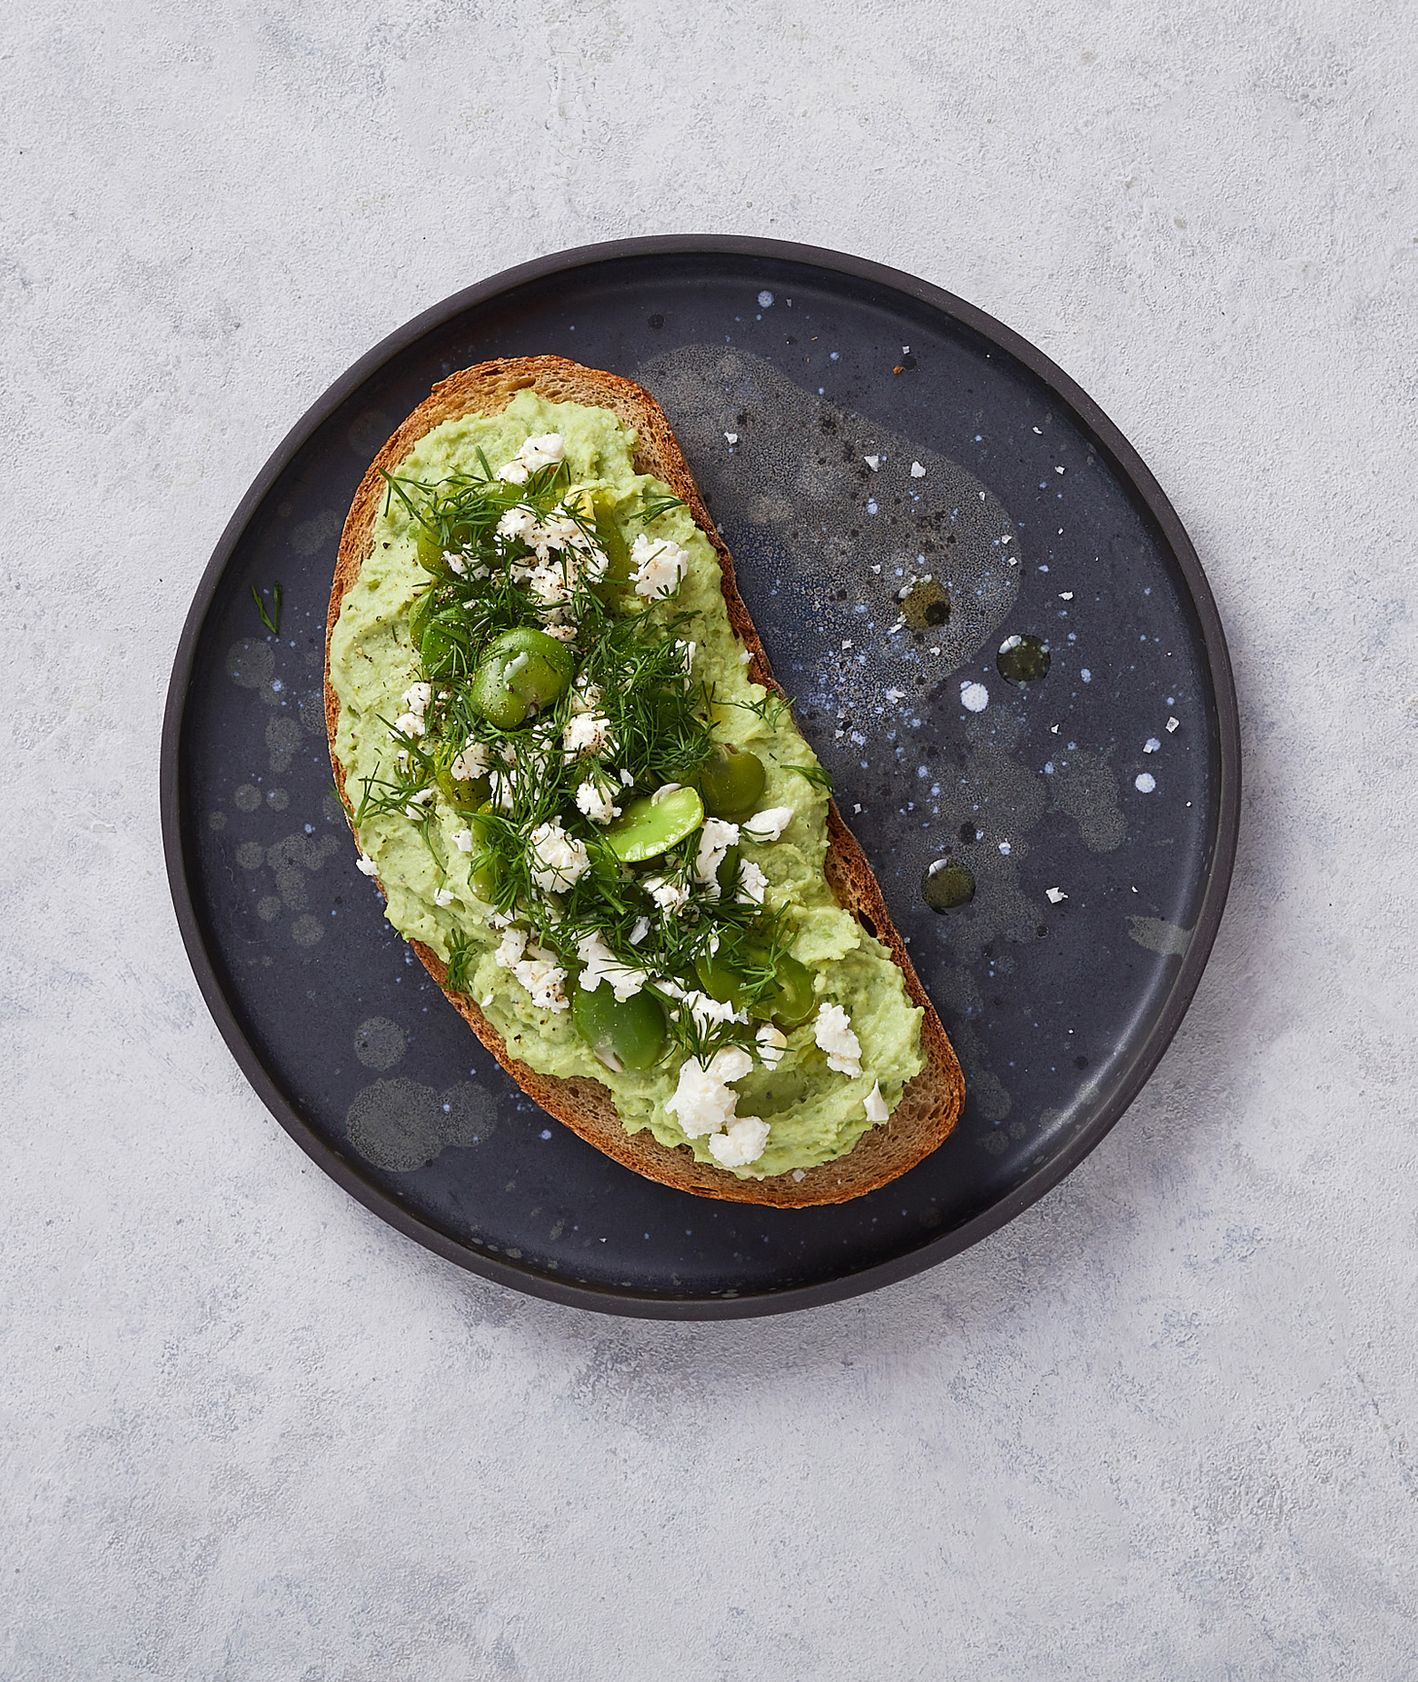 Pasta z bobu na kromce żytnego chleba posypana koperkiem (fot. Maciek Niemojewski)